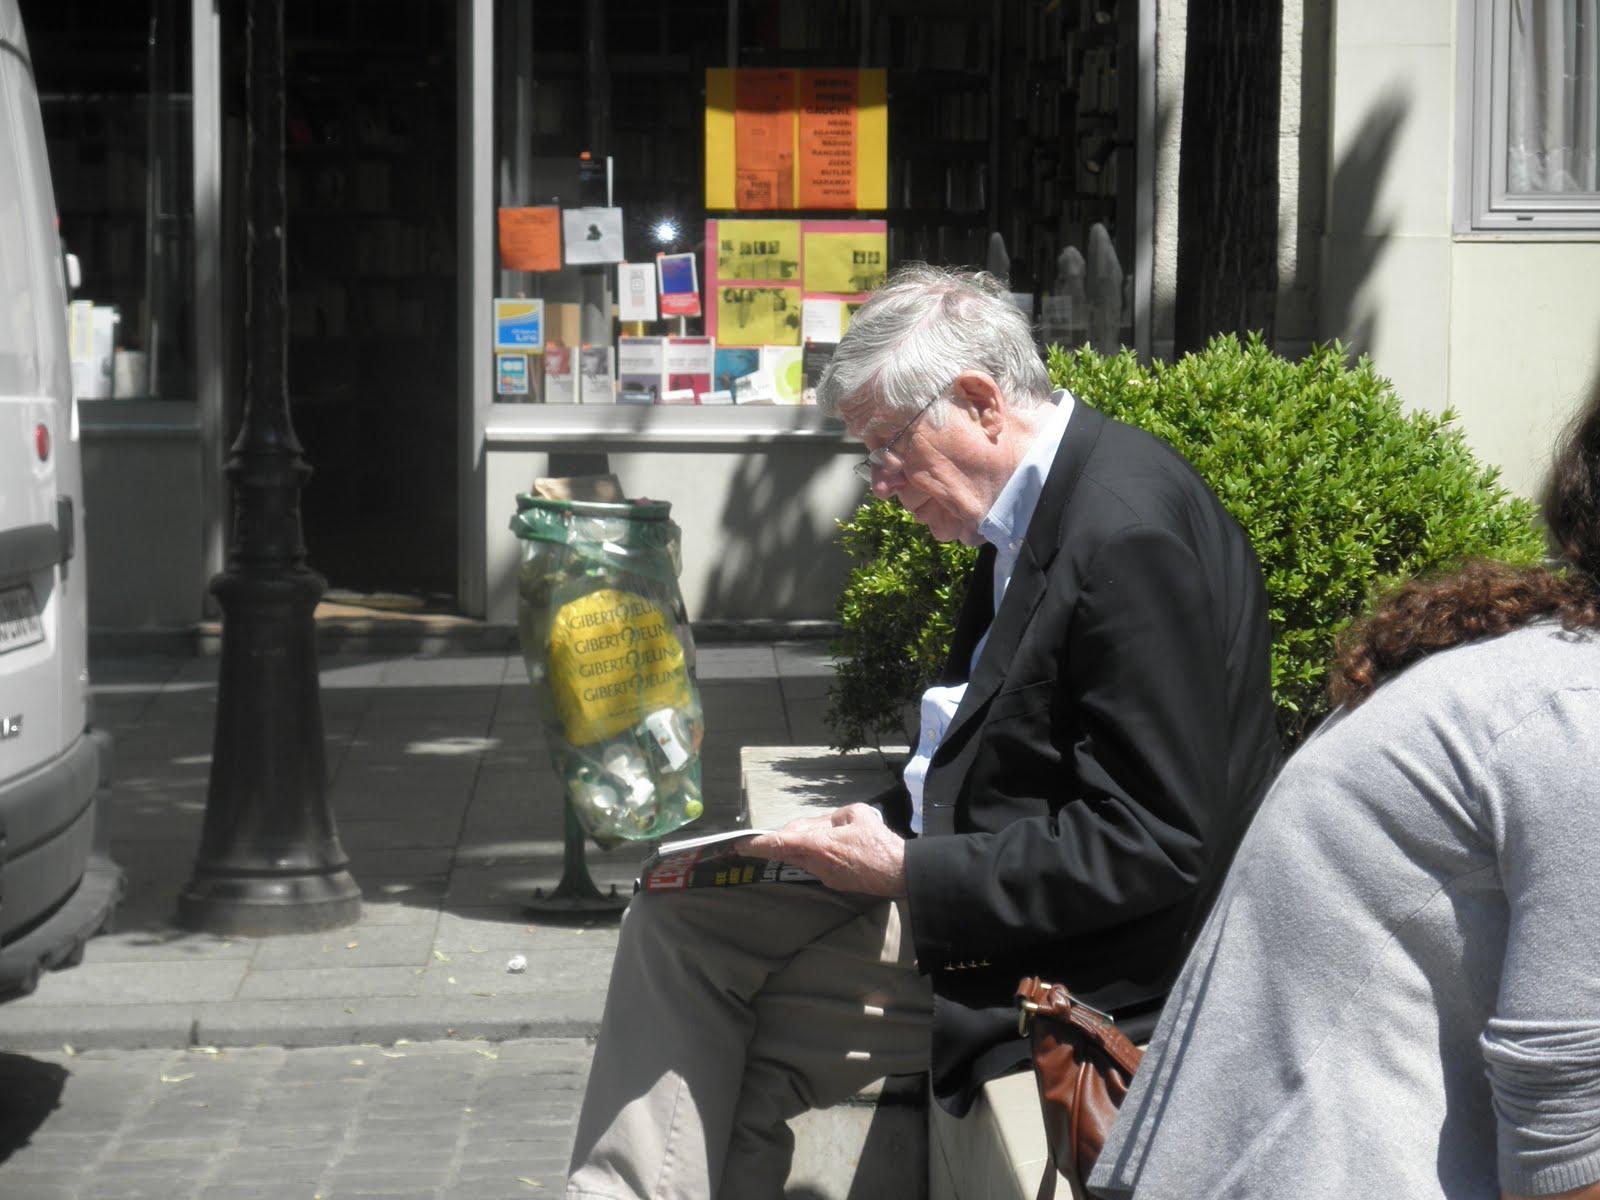 http://1.bp.blogspot.com/_IBYlXoYPWHs/TJOgty2UdqI/AAAAAAAAFO0/5L1HgJh_e-8/s1600/Paris+093.jpg